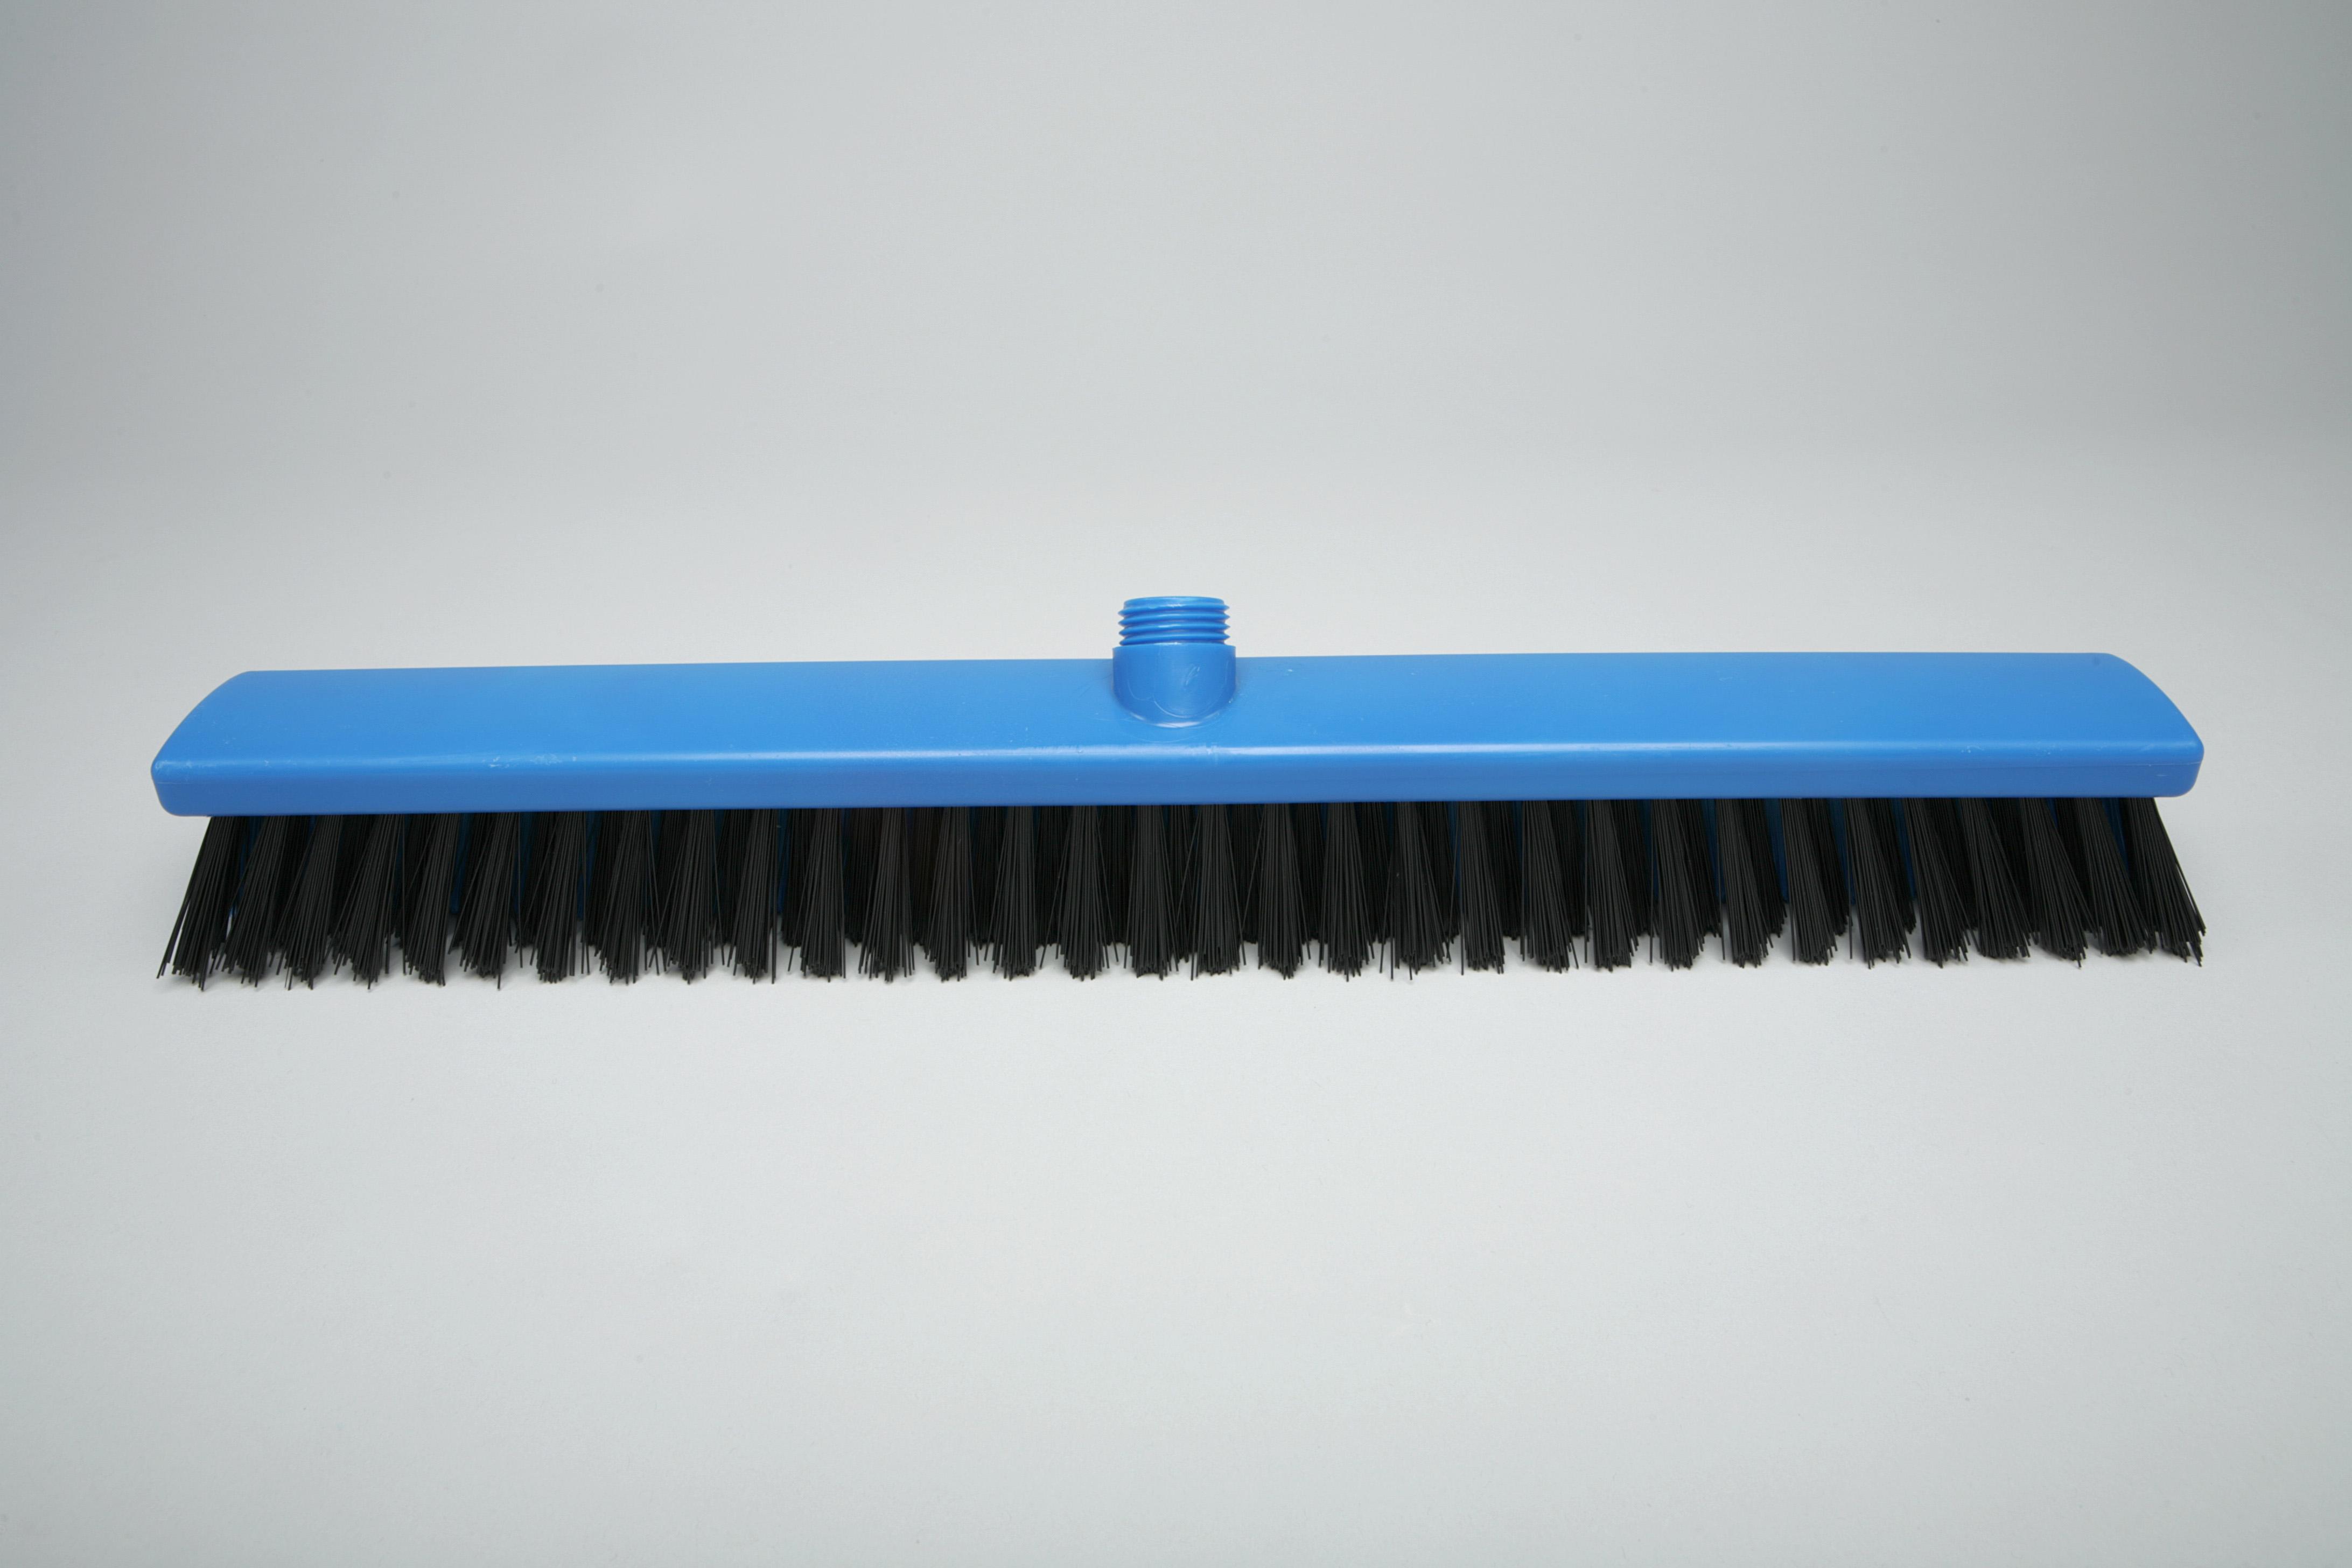 Unimop pühkimishari 600 x 60 x 55 mm, pehme-tugev, sinine, kastis 6 tk